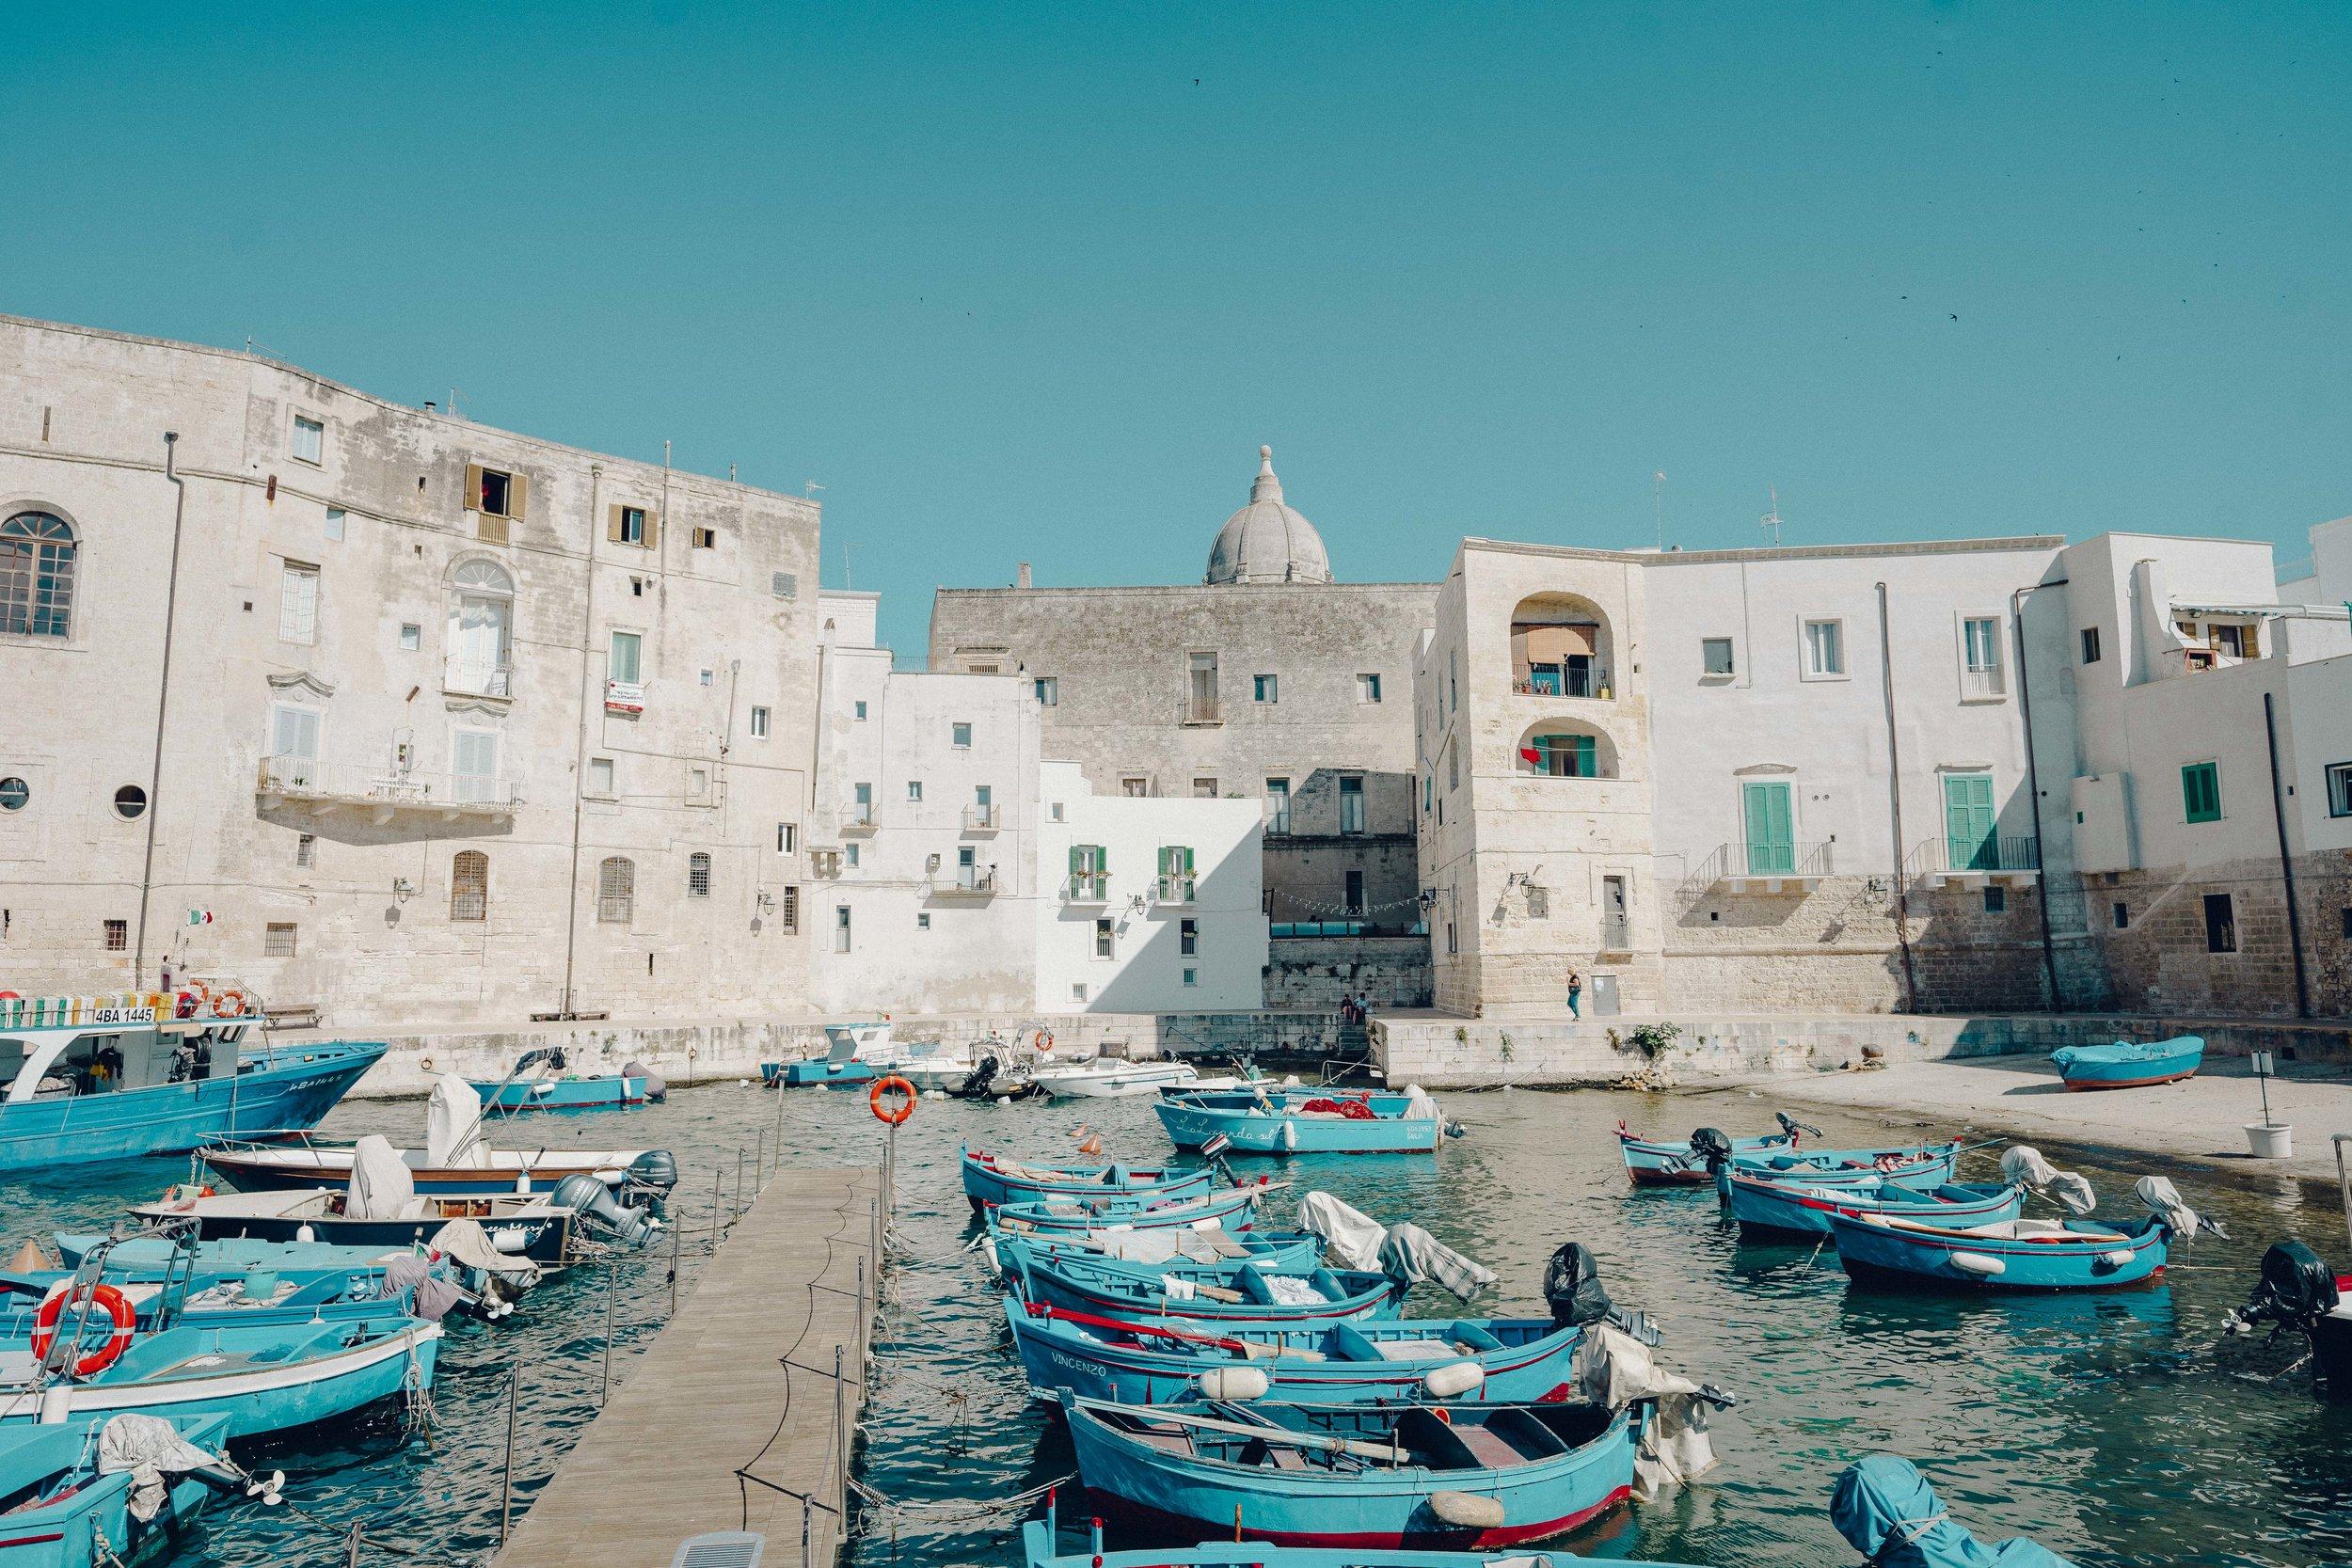 ASROSENVINGE_Roadtrip_Italy_Monopoli-07041.jpg